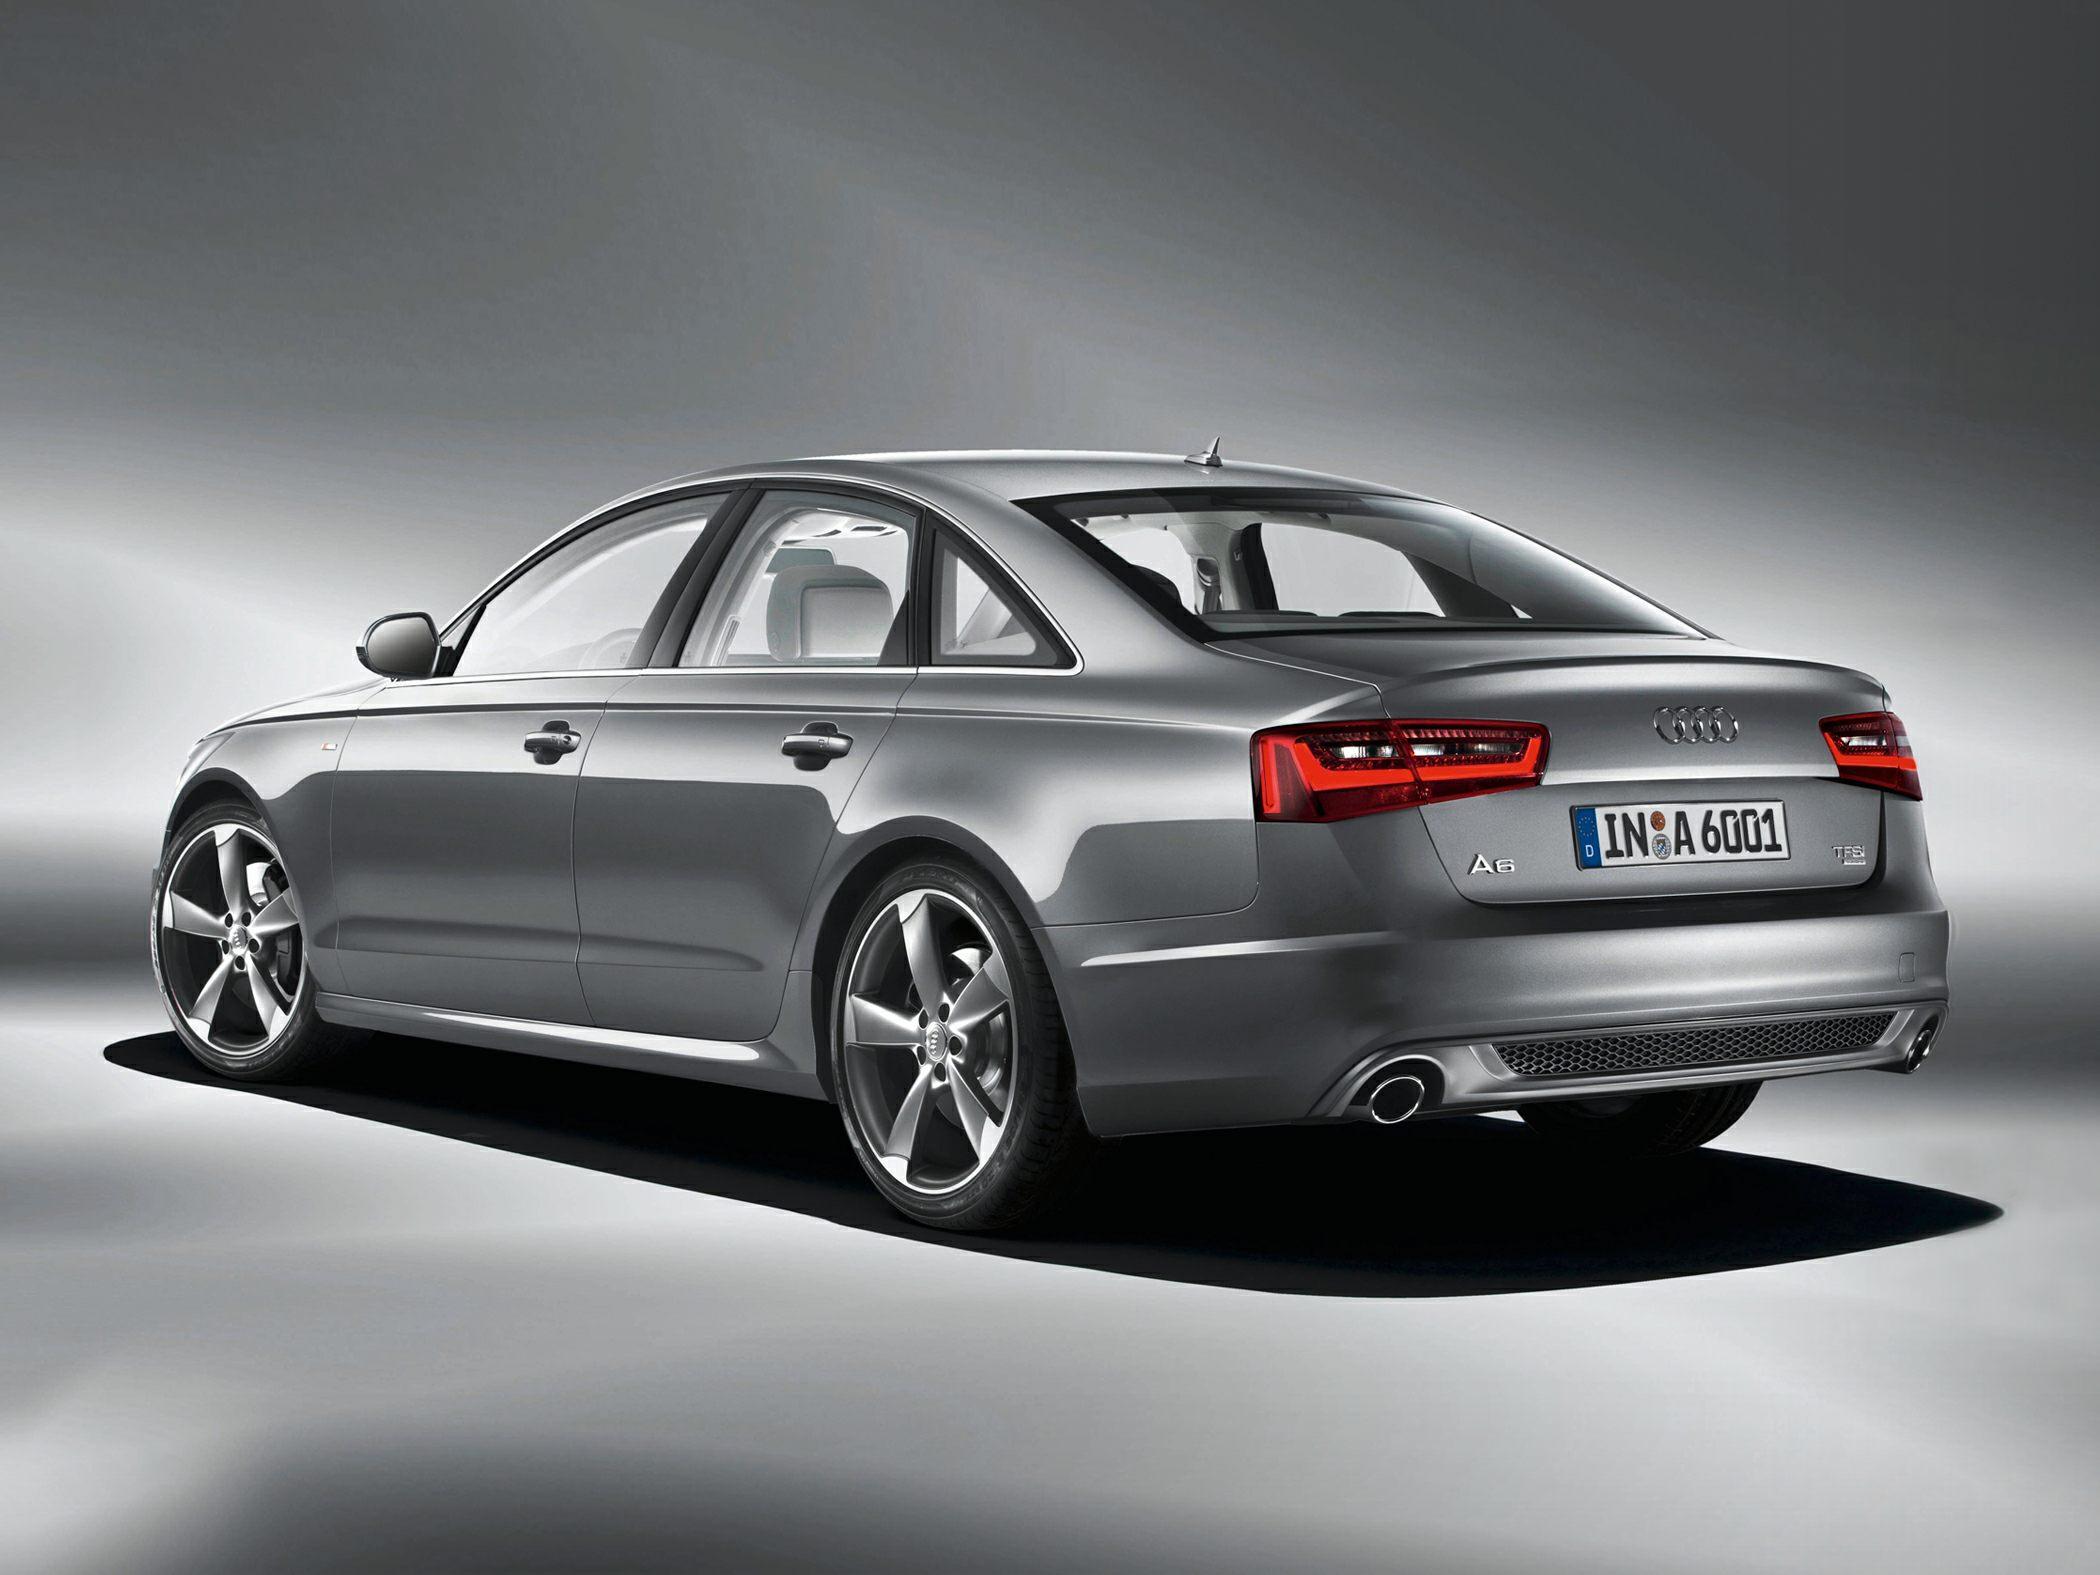 2014 Audi A6 Glam2